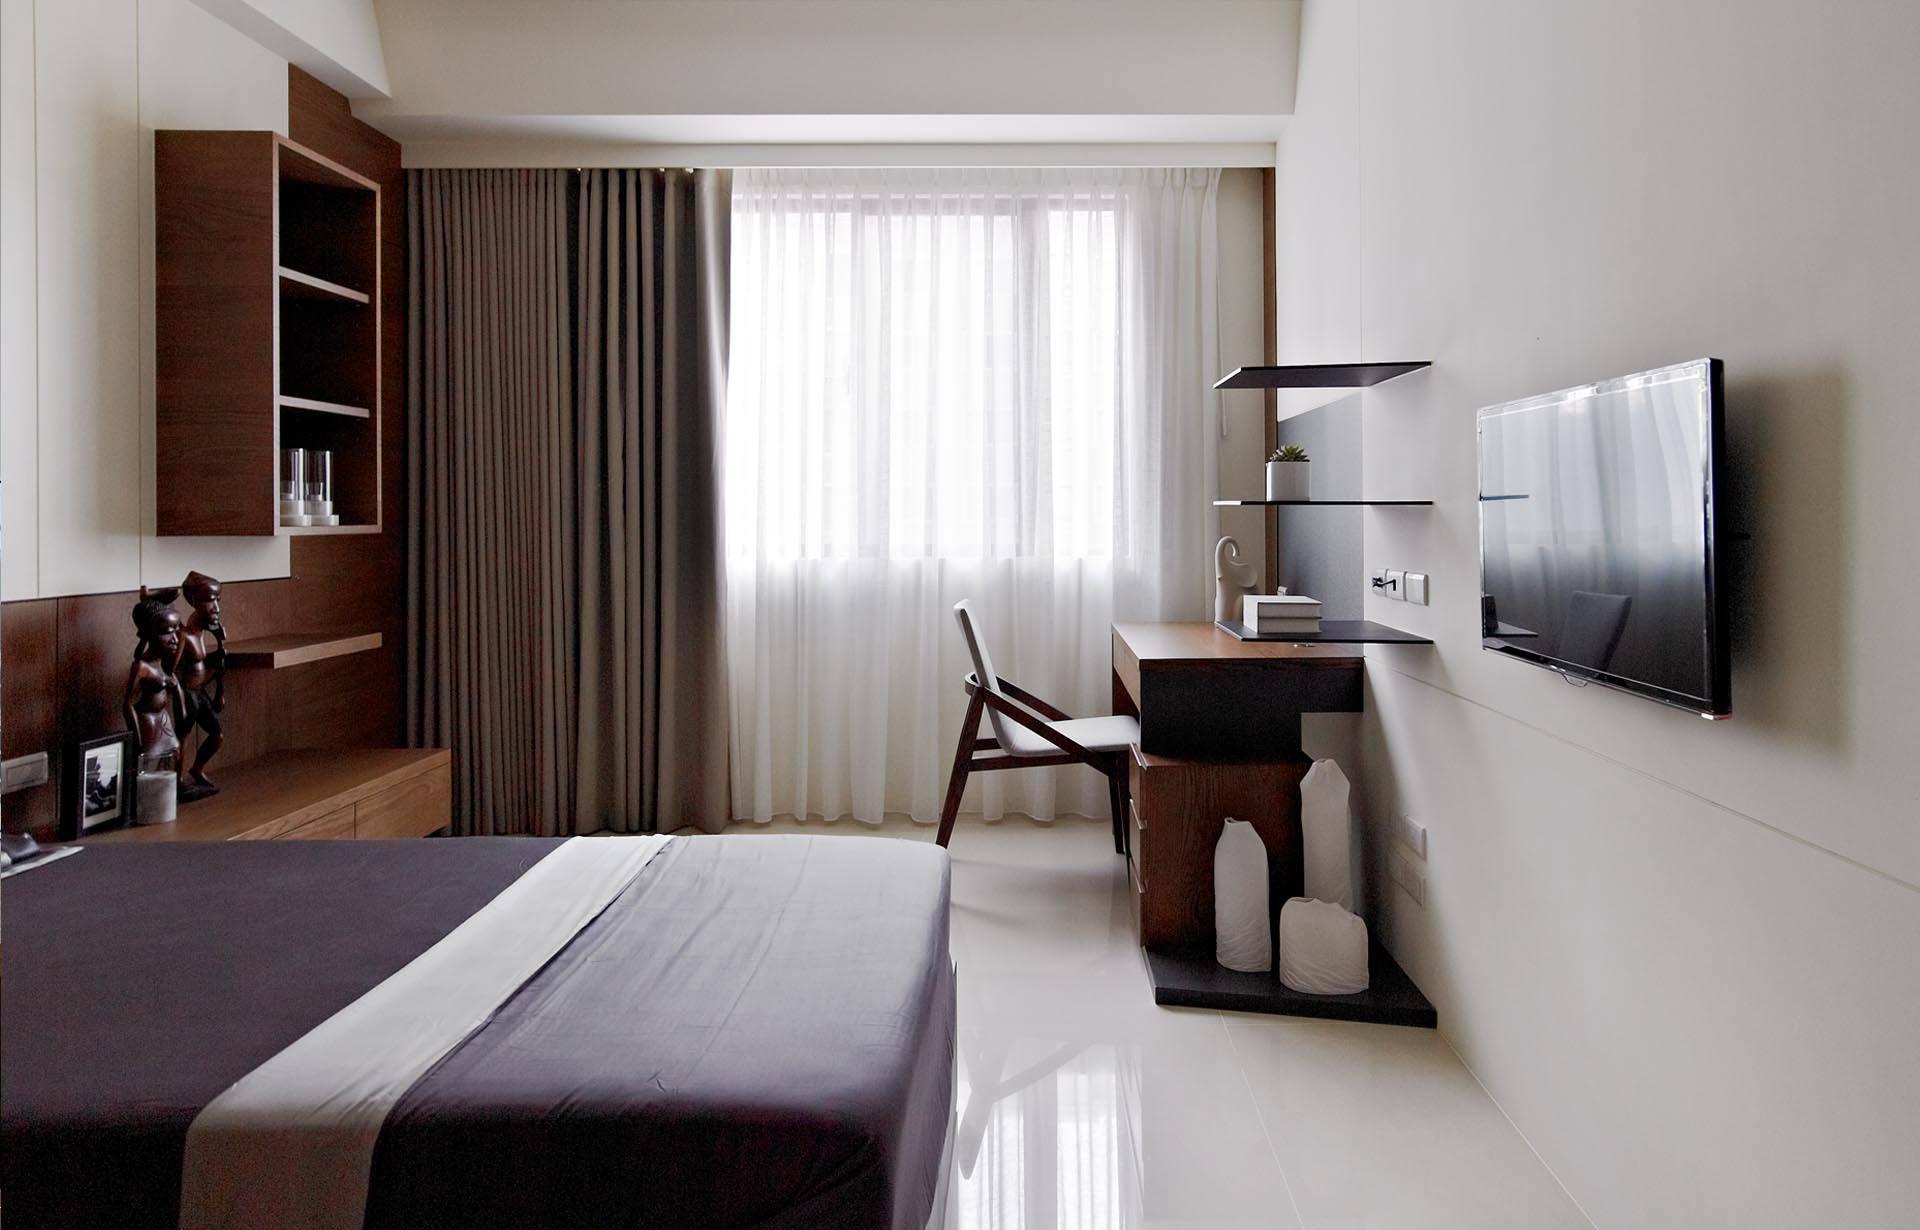 简约风格12平米卧室装修图片 - 九正家居装修效果图